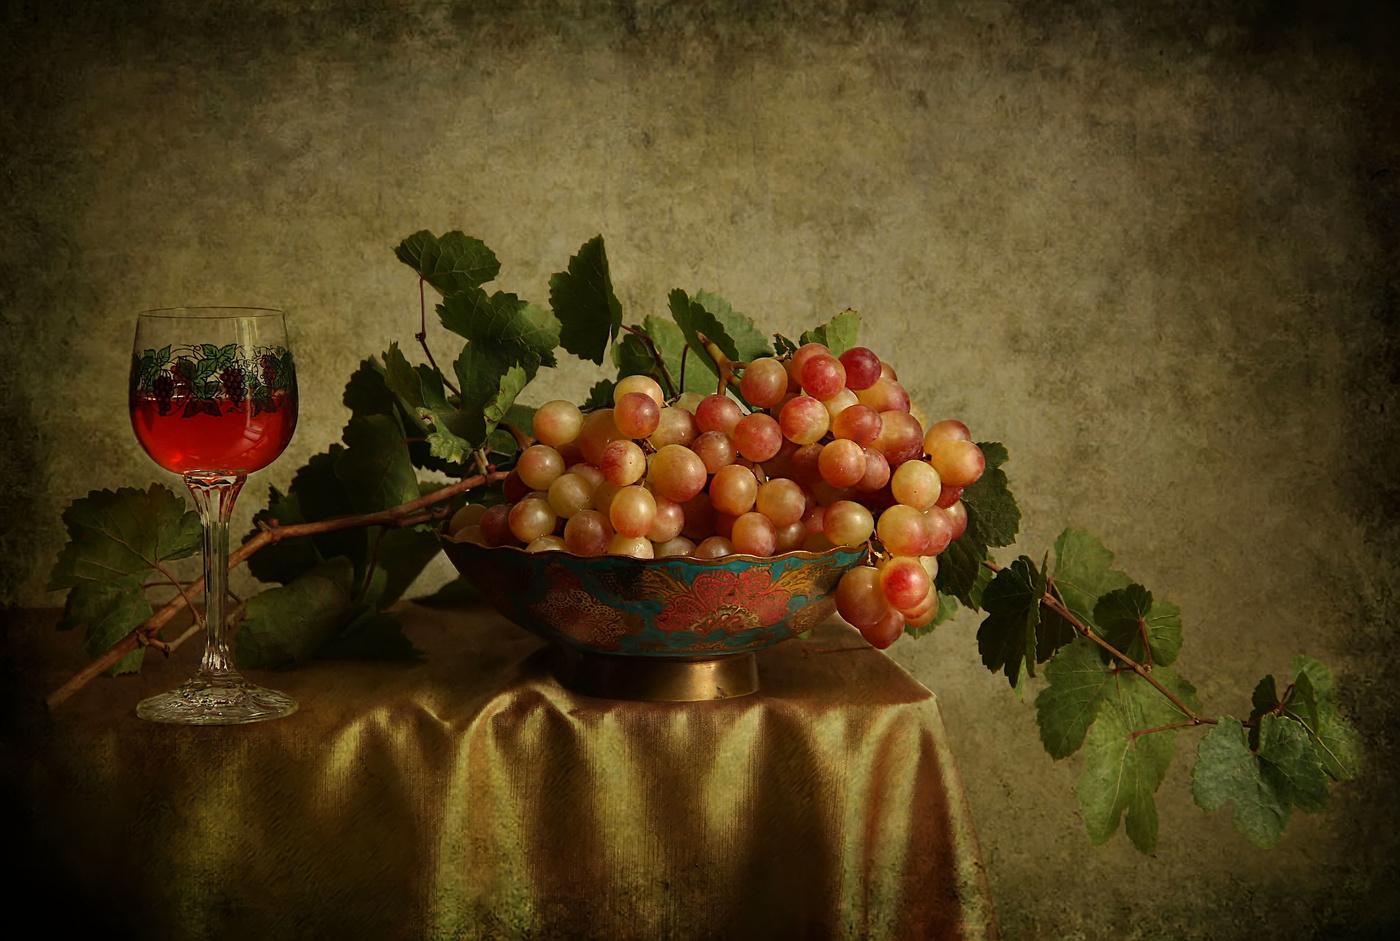 Виноград бируинца описание сорта фото позволяют визуально